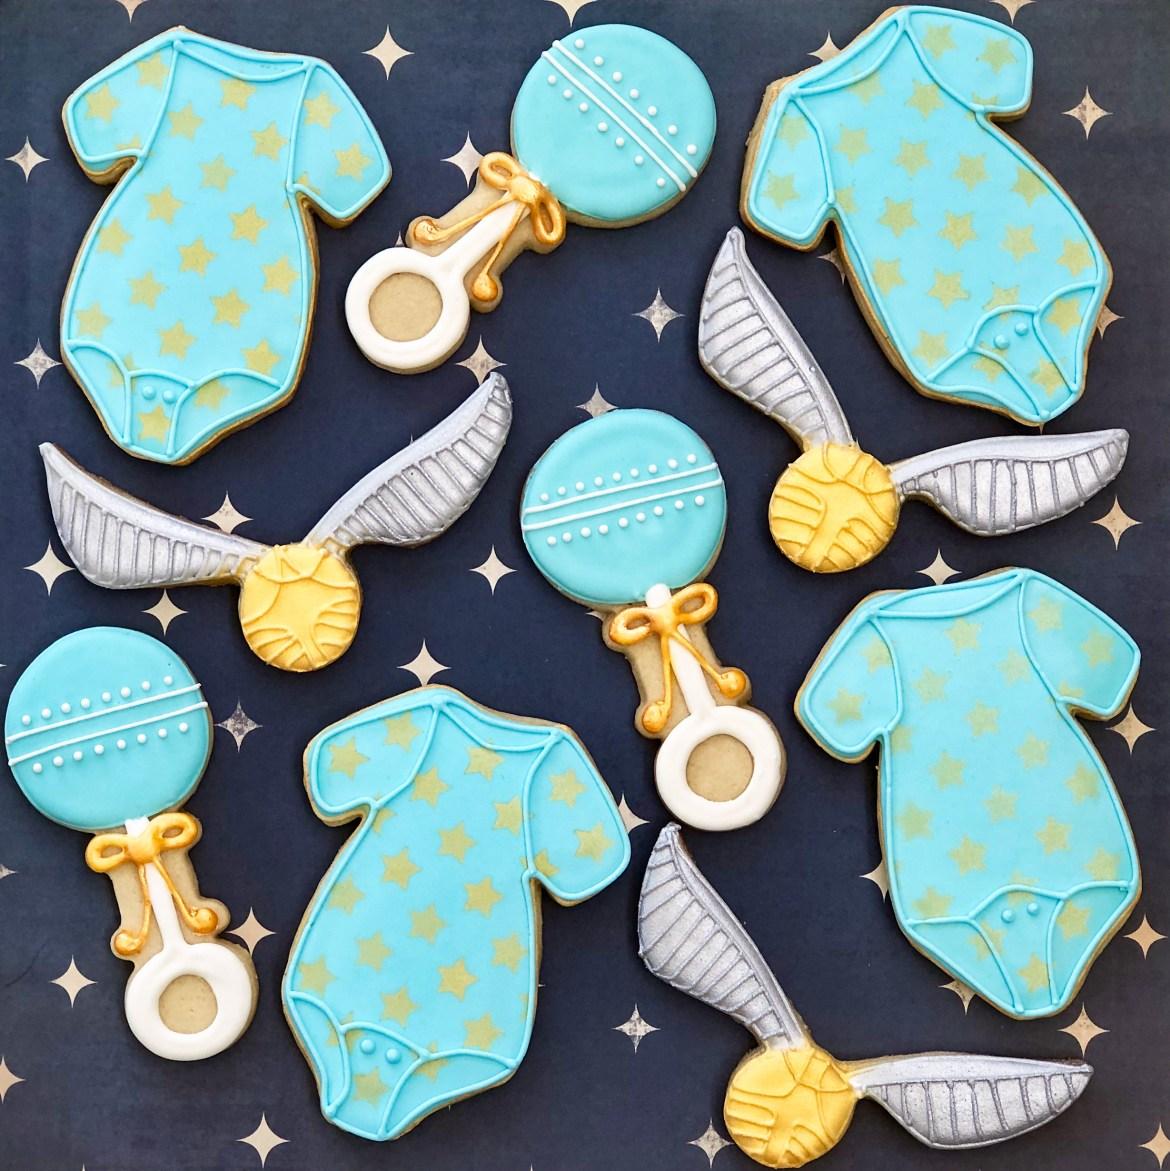 #harrypottercookies #harrypotter #cookieshilarystyle #cookiesareeverything #customcookies